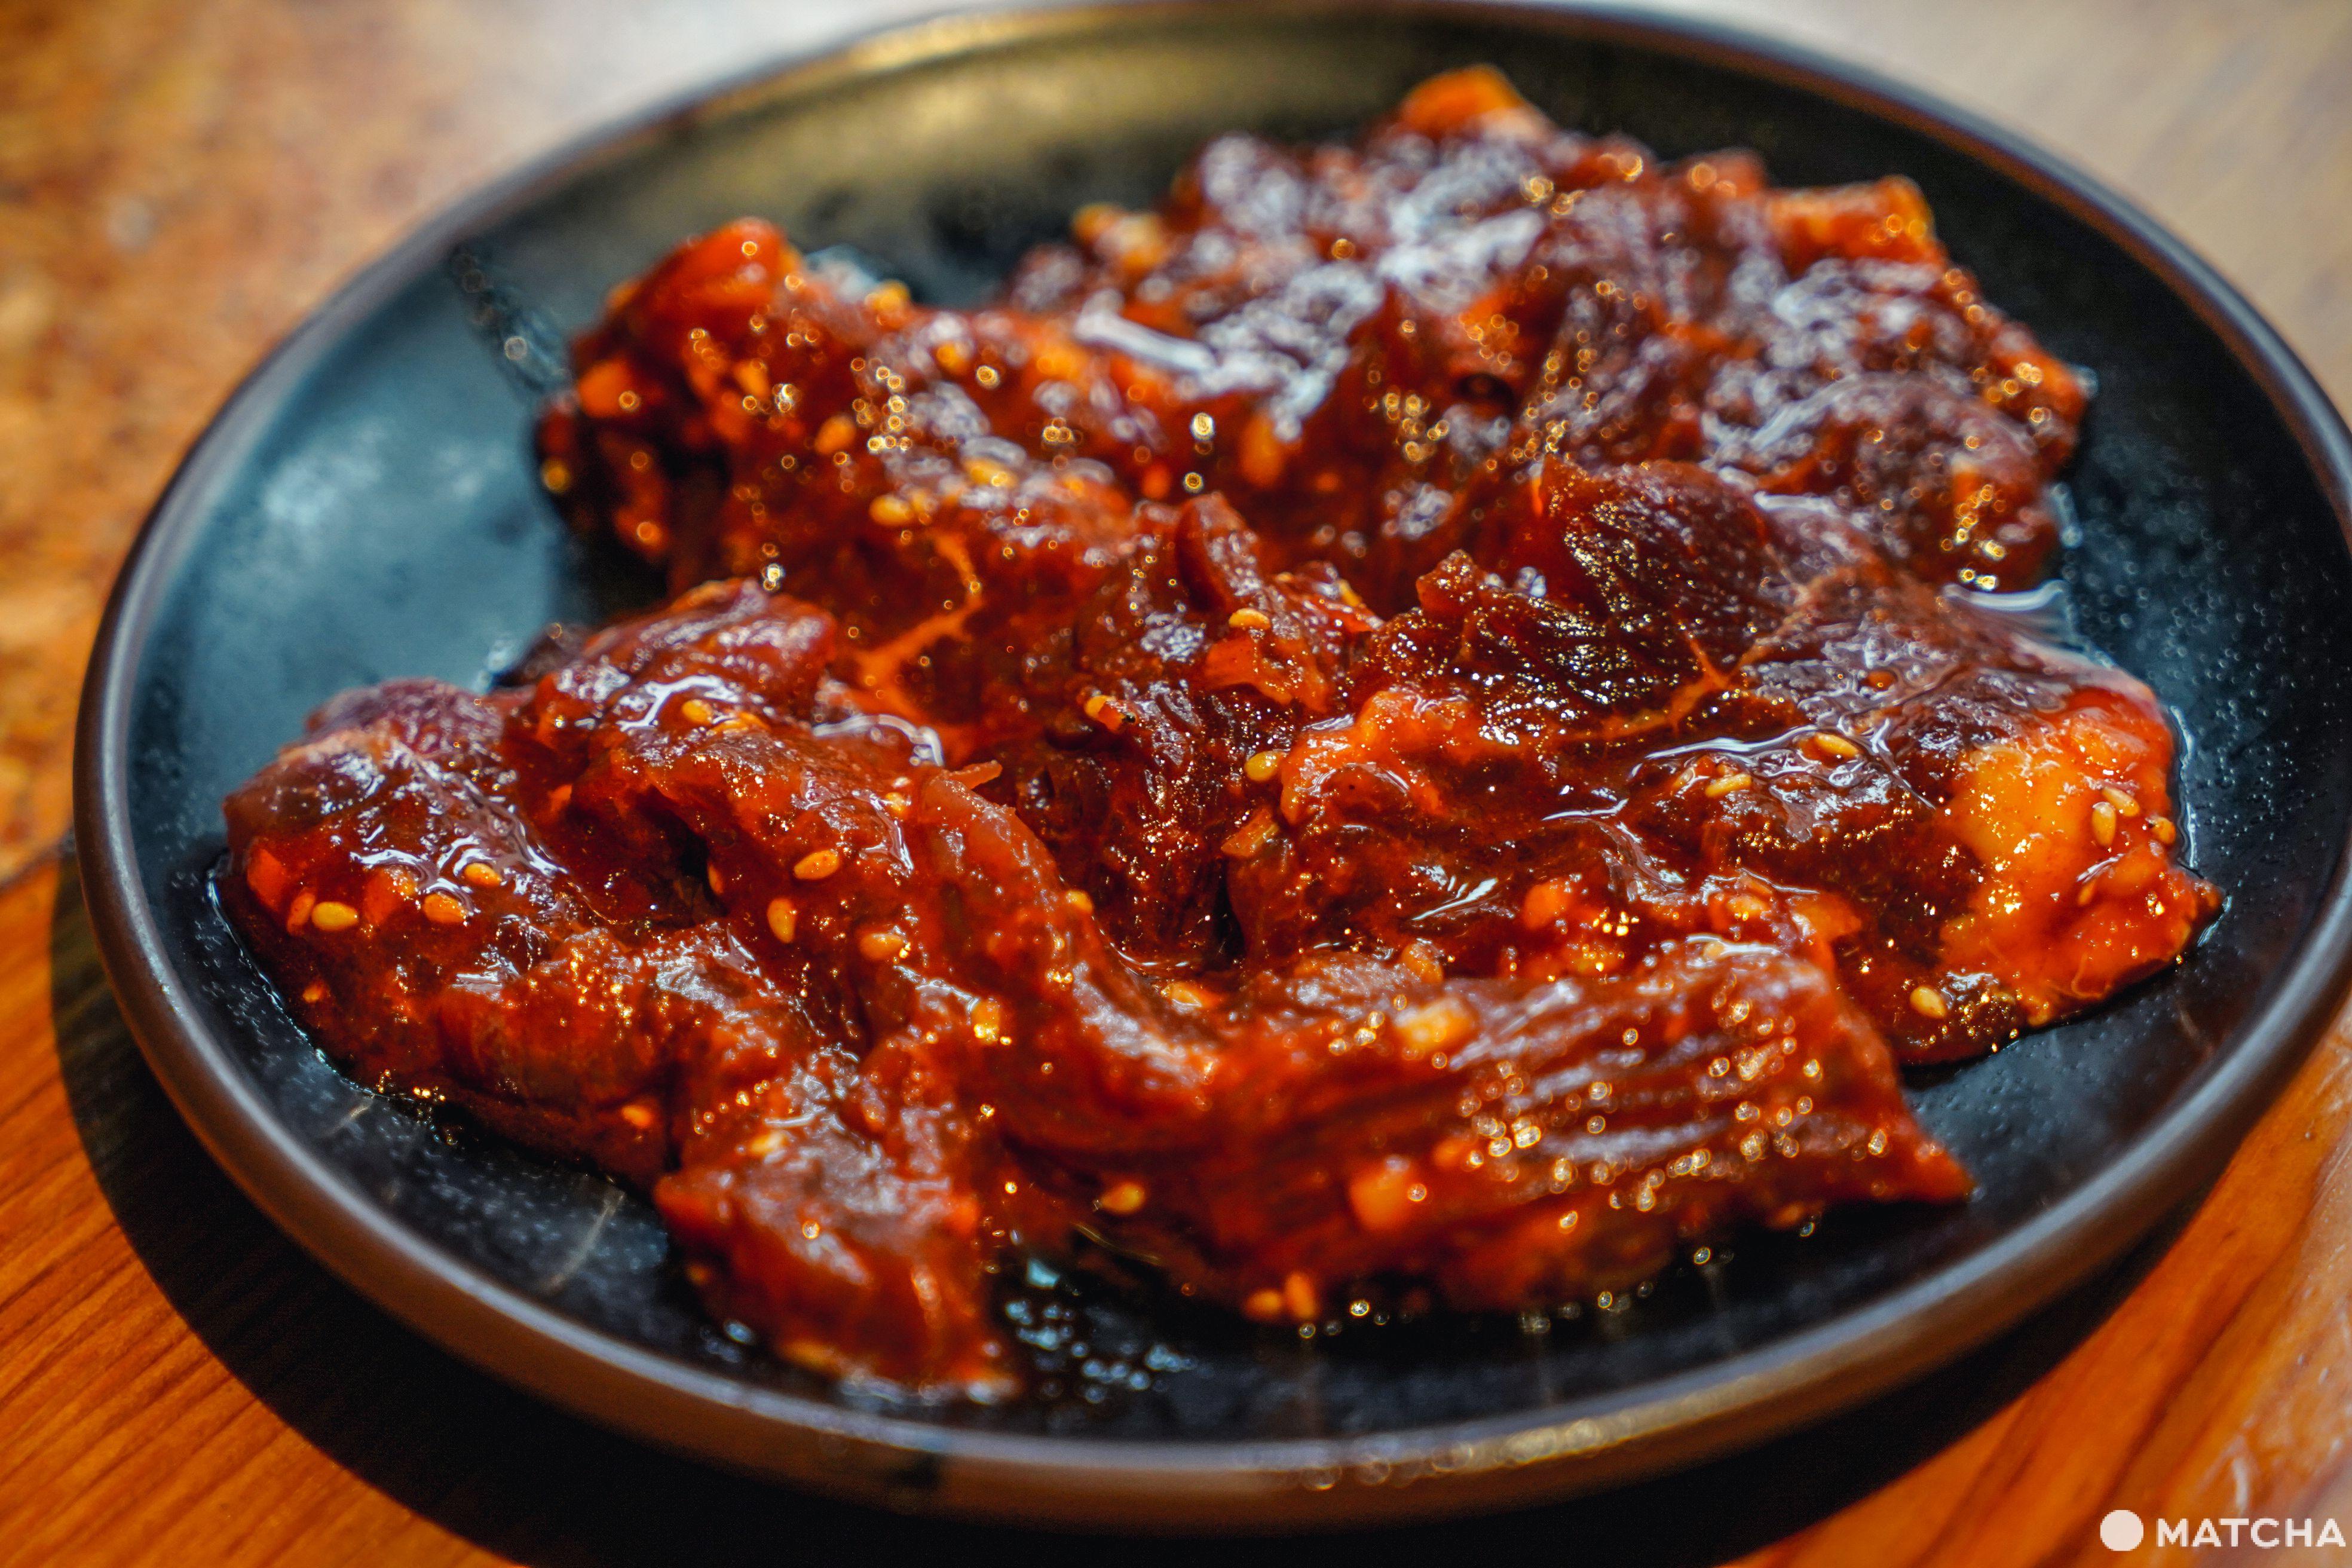 東京美食燒肉吃到飽_豪德寺ひゃくてん_吃到飽午餐方案_牛外橫隔膜肉